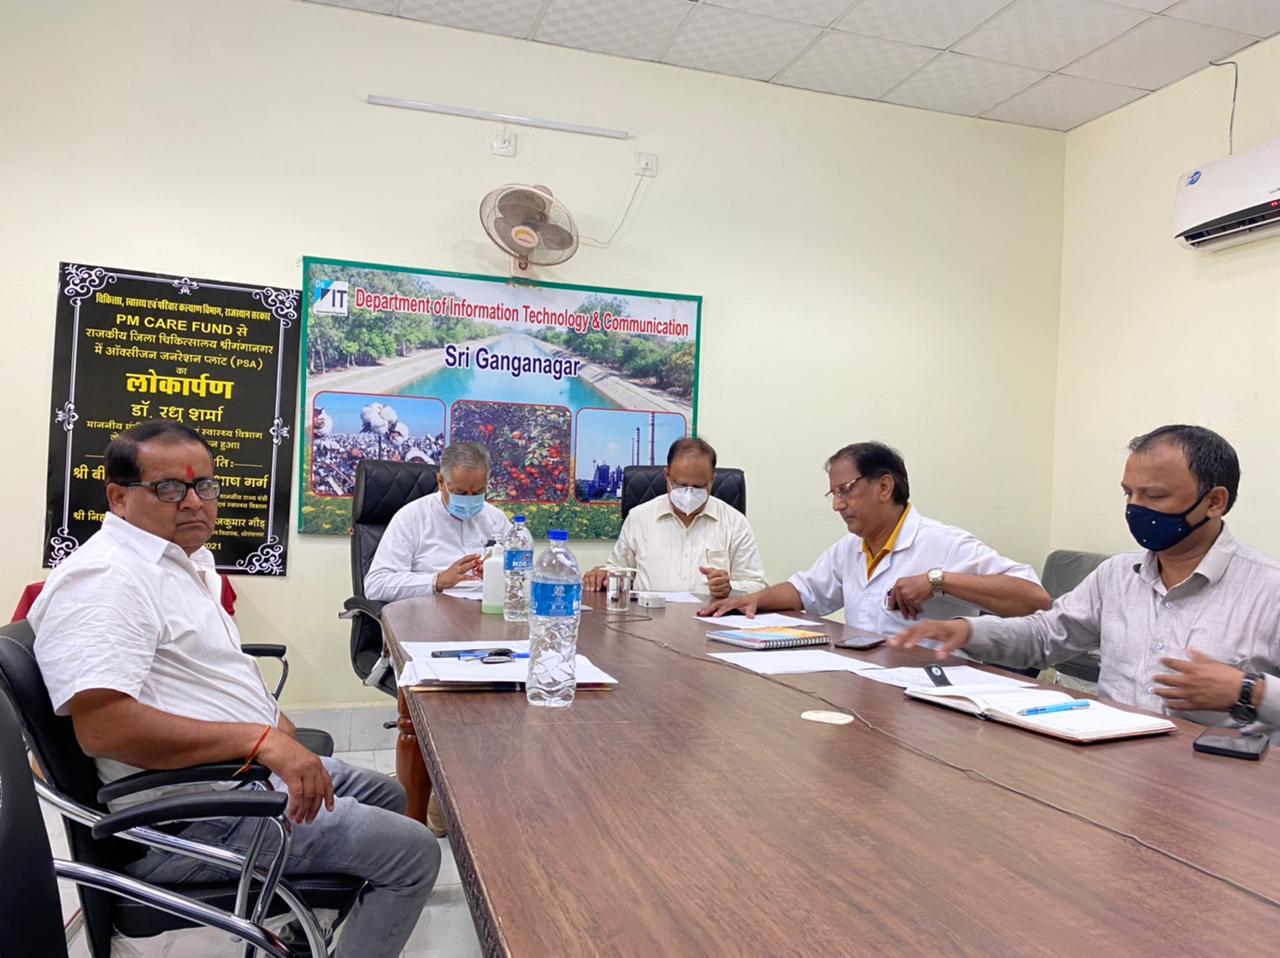 श्रीगंगानगर में ऑक्सीजन प्लांट के लोकार्पण समारोह समारोह में मौजूद जिला कलेक्टर, विधायक और अन्य अधिकारी। - Dainik Bhaskar